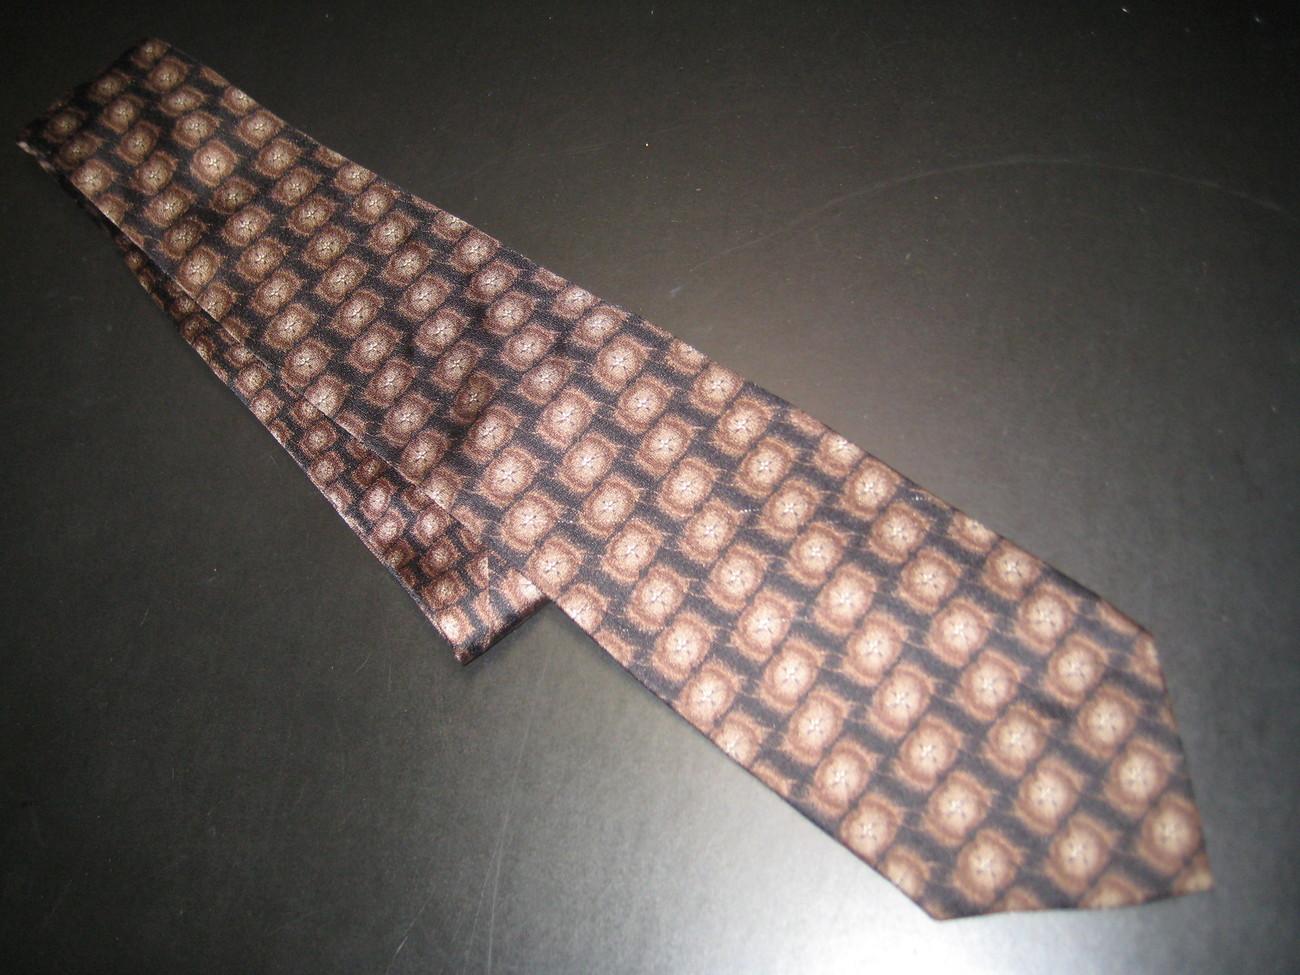 JZ Richards Dress Neck Tie Design No 9560-9 Bursts of Browns on Black Background